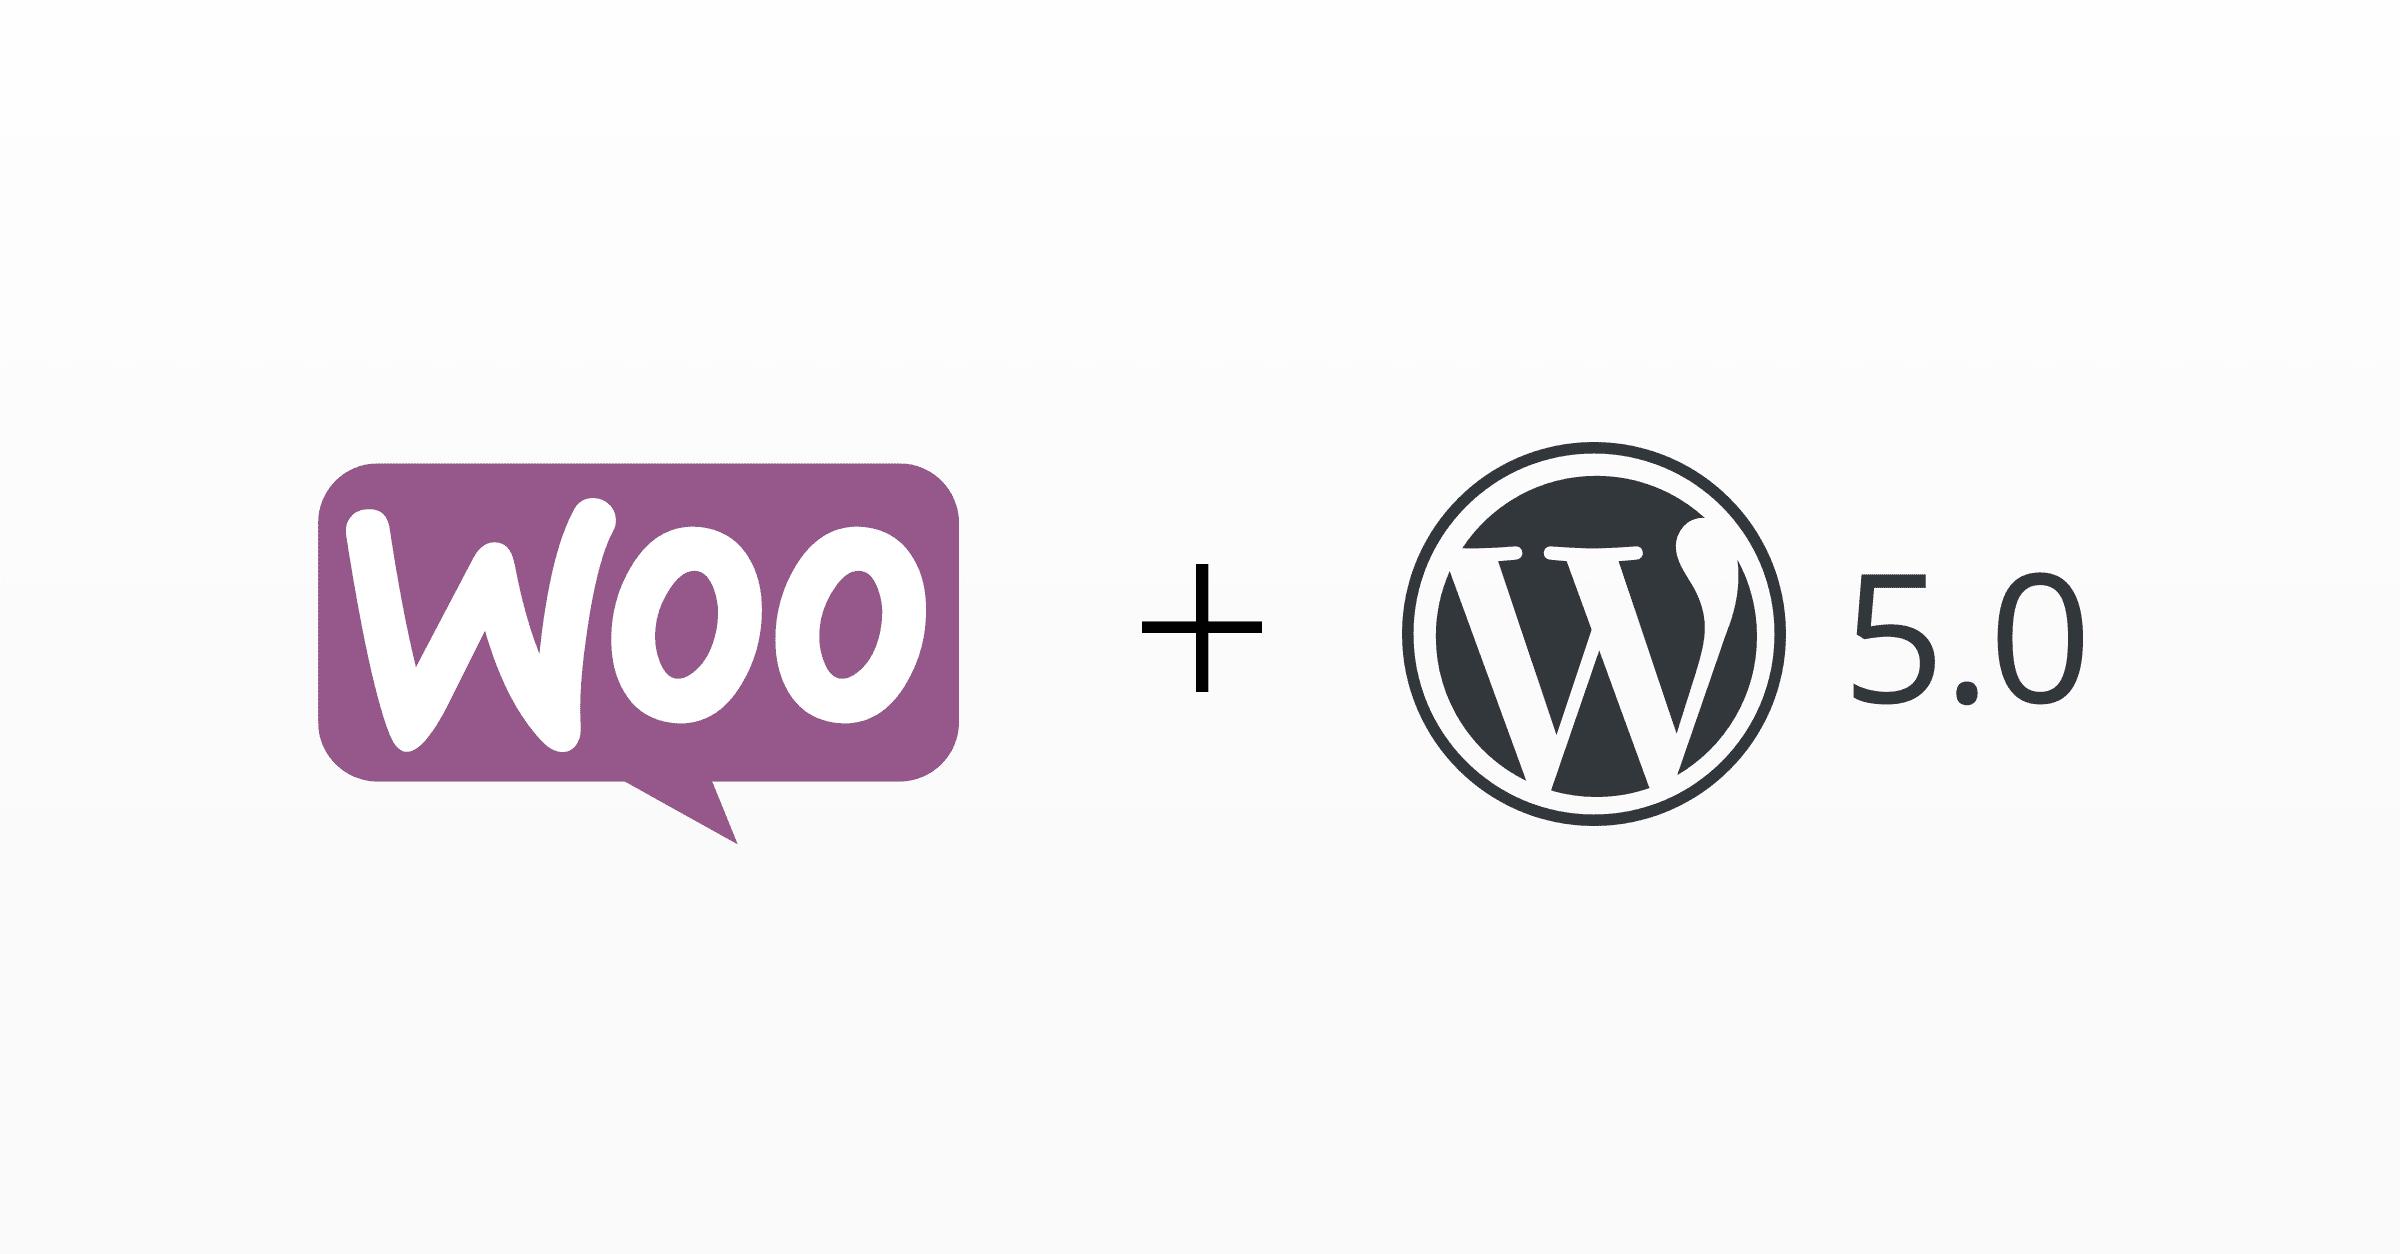 woocommerce 5.0.0